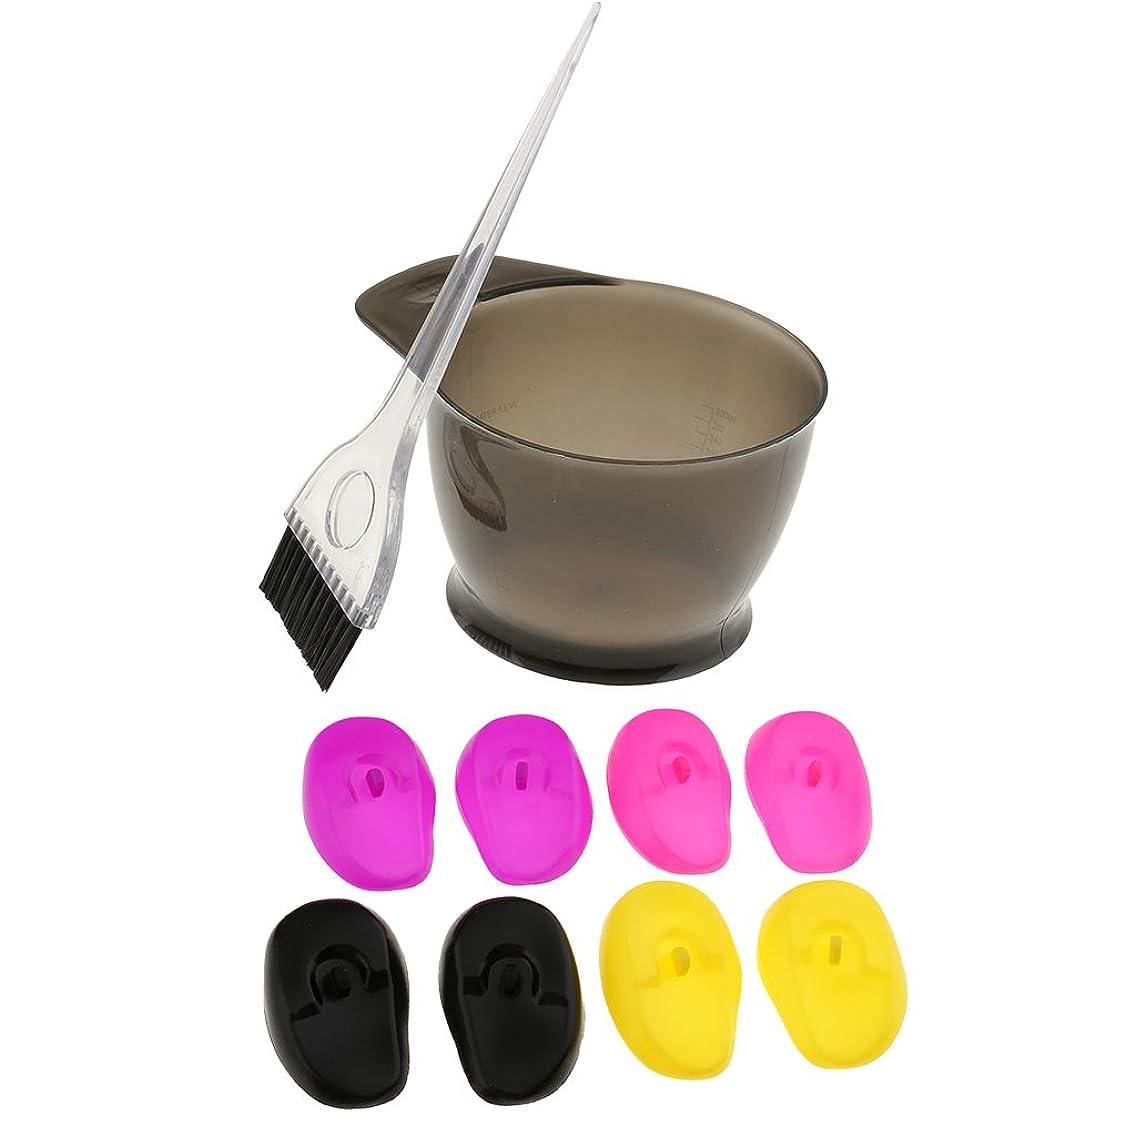 次かんがいビーチSONONIA ヘアカラー 髪染めセット 美容院工具 再利用可能 ブリーチツール 染料ボウル シリコン ブラシティント 耳カバー(4ペア)